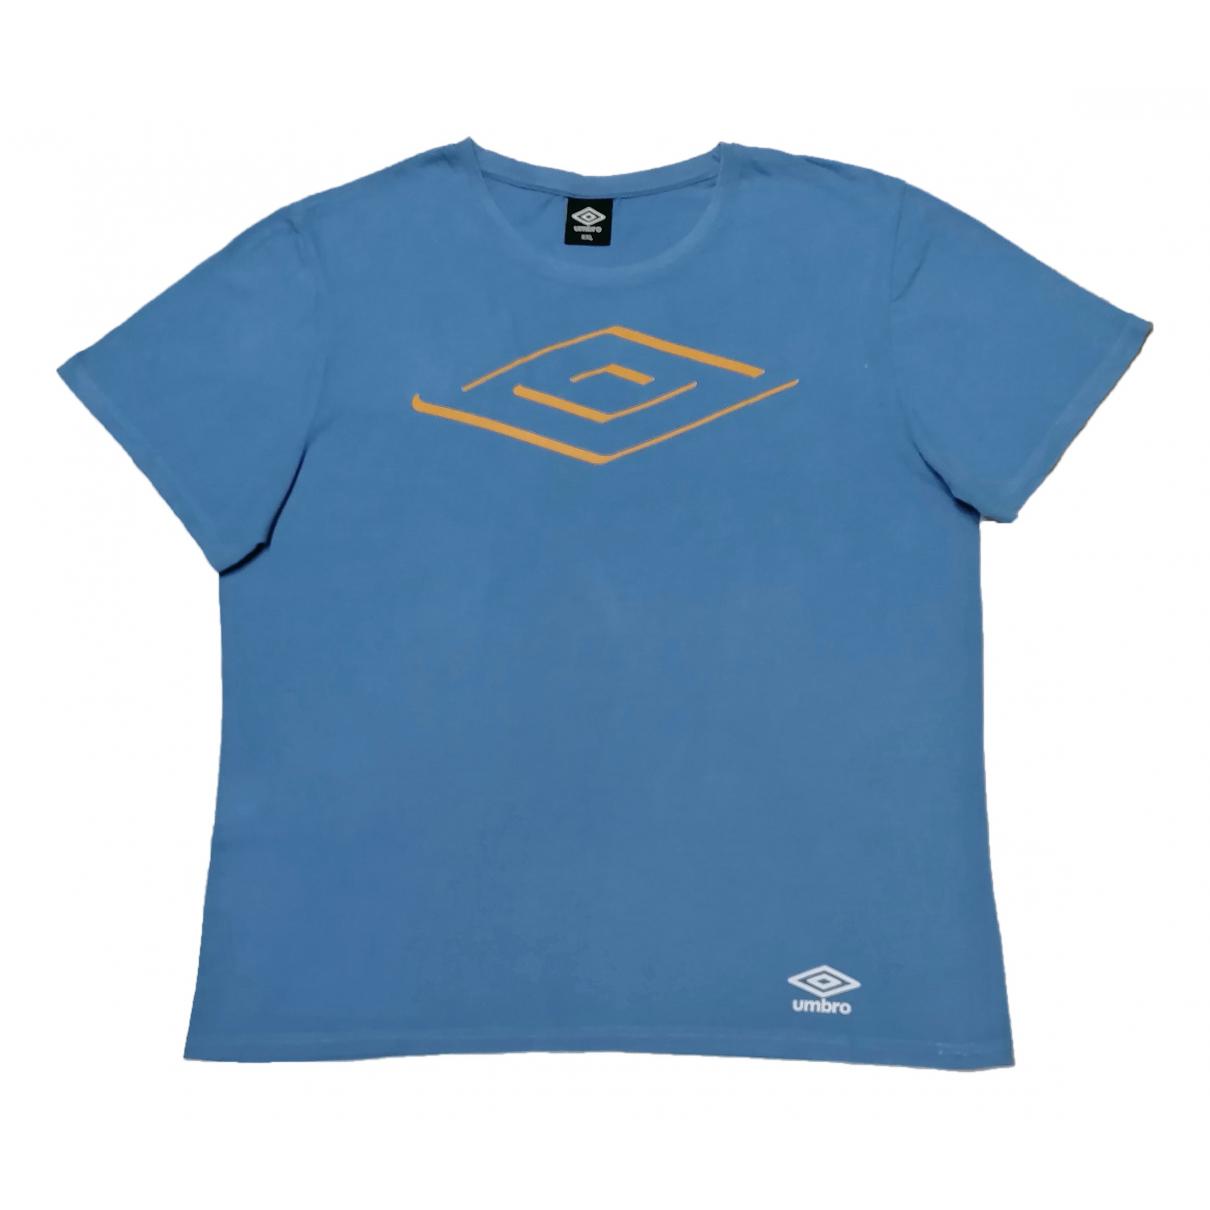 Umbro - Tee shirts   pour homme en coton - bleu